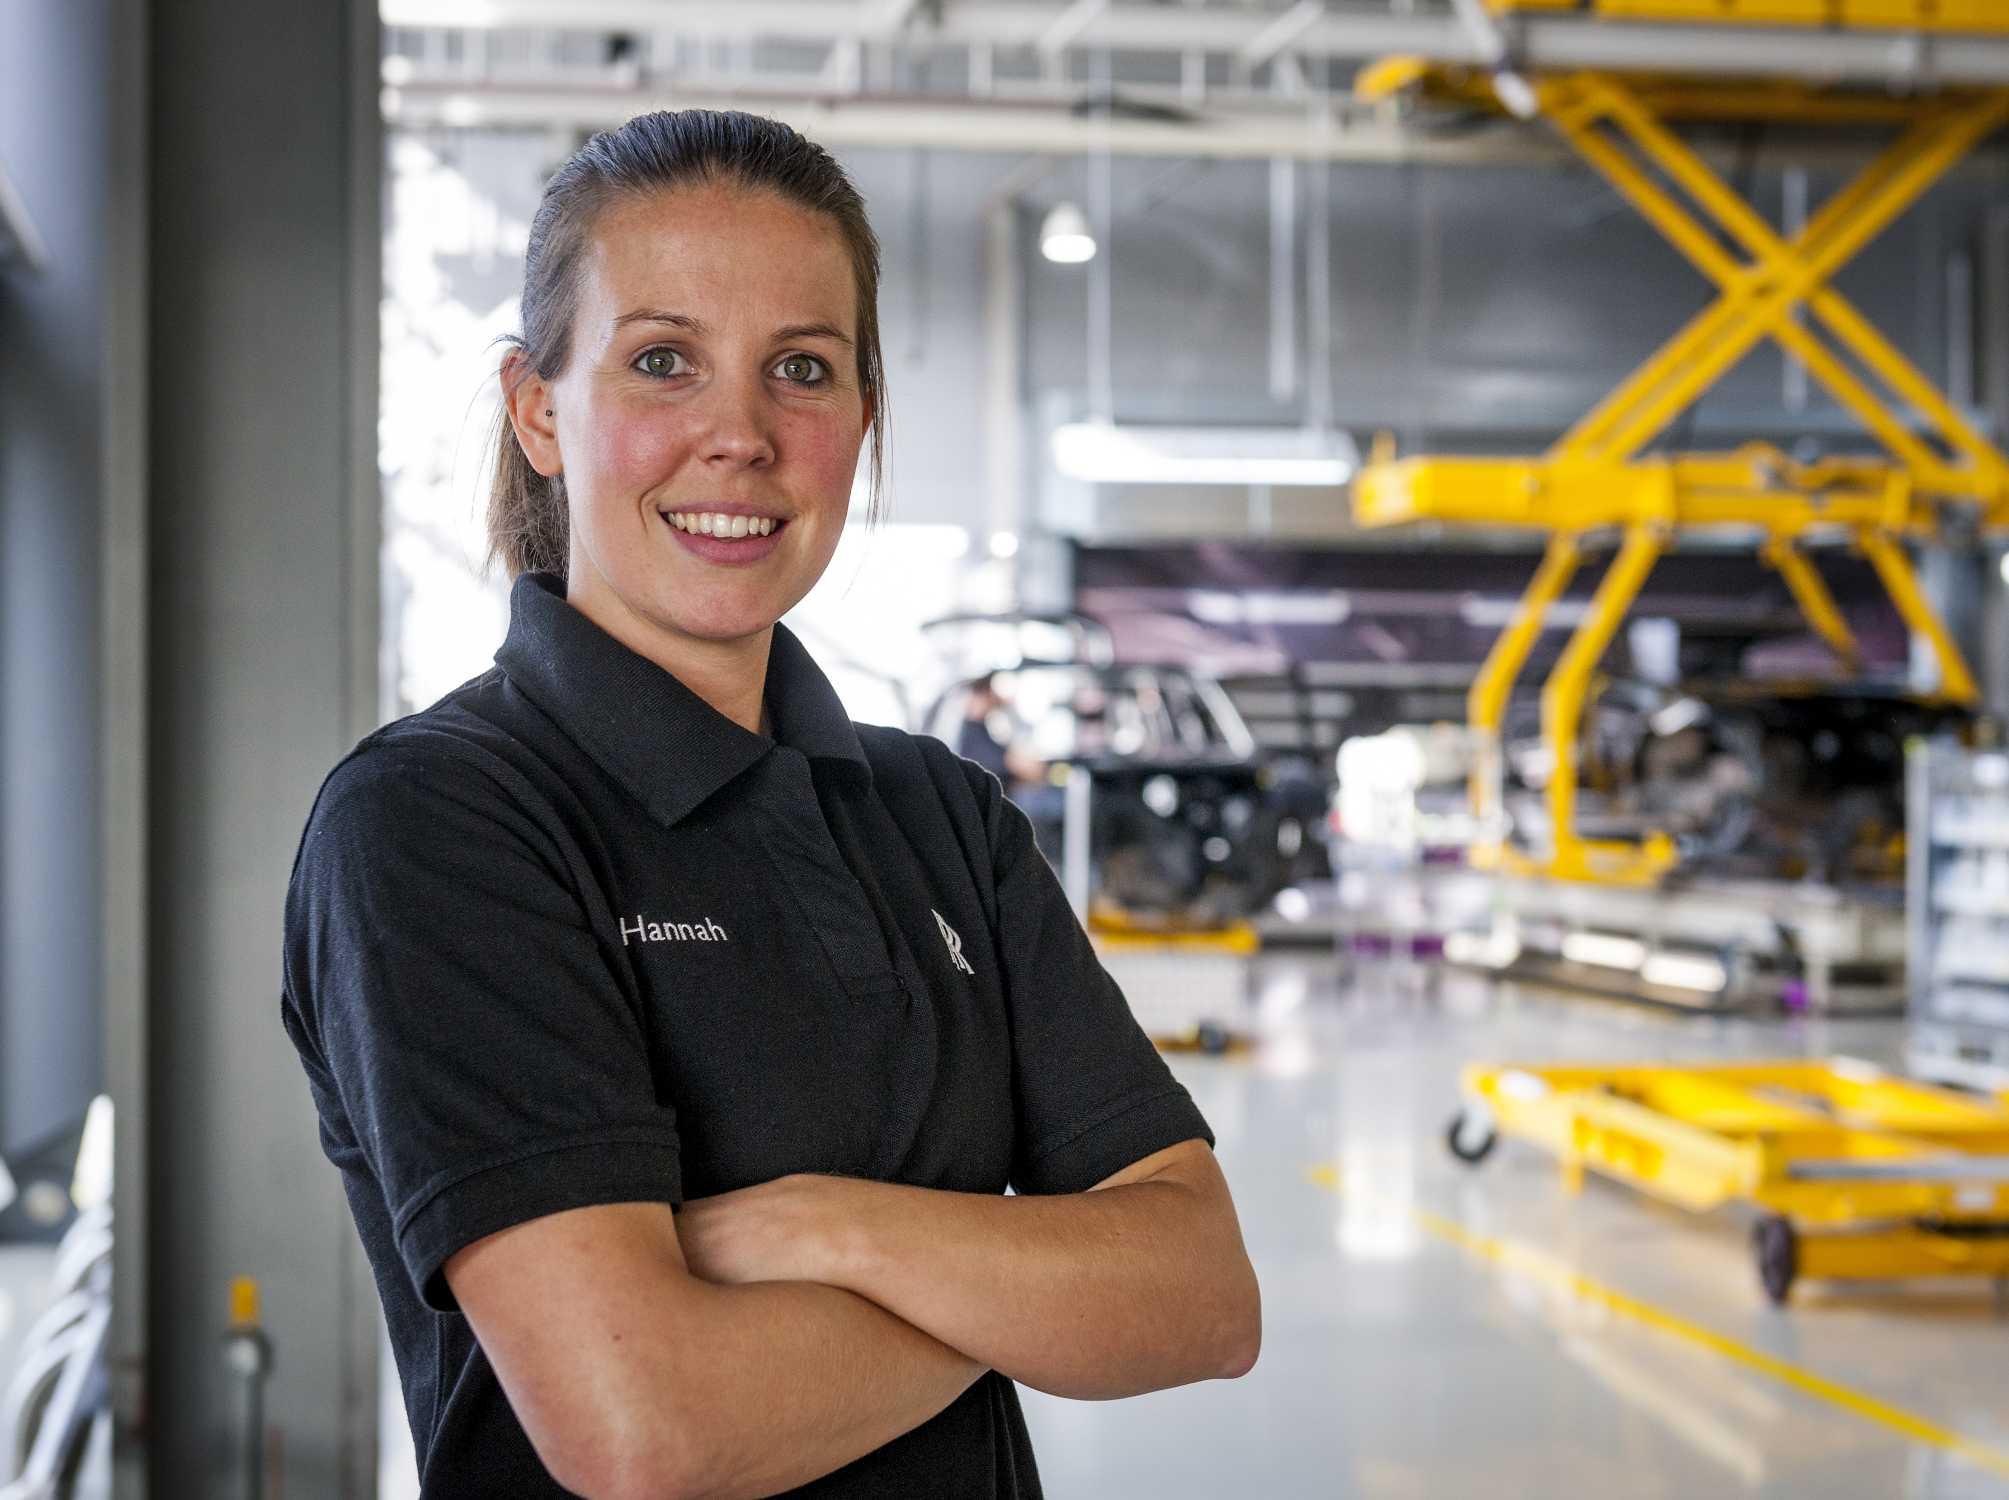 HANNAH BANYARD, ROLLS-ROYCE MOTOR CARS APPRENTICE